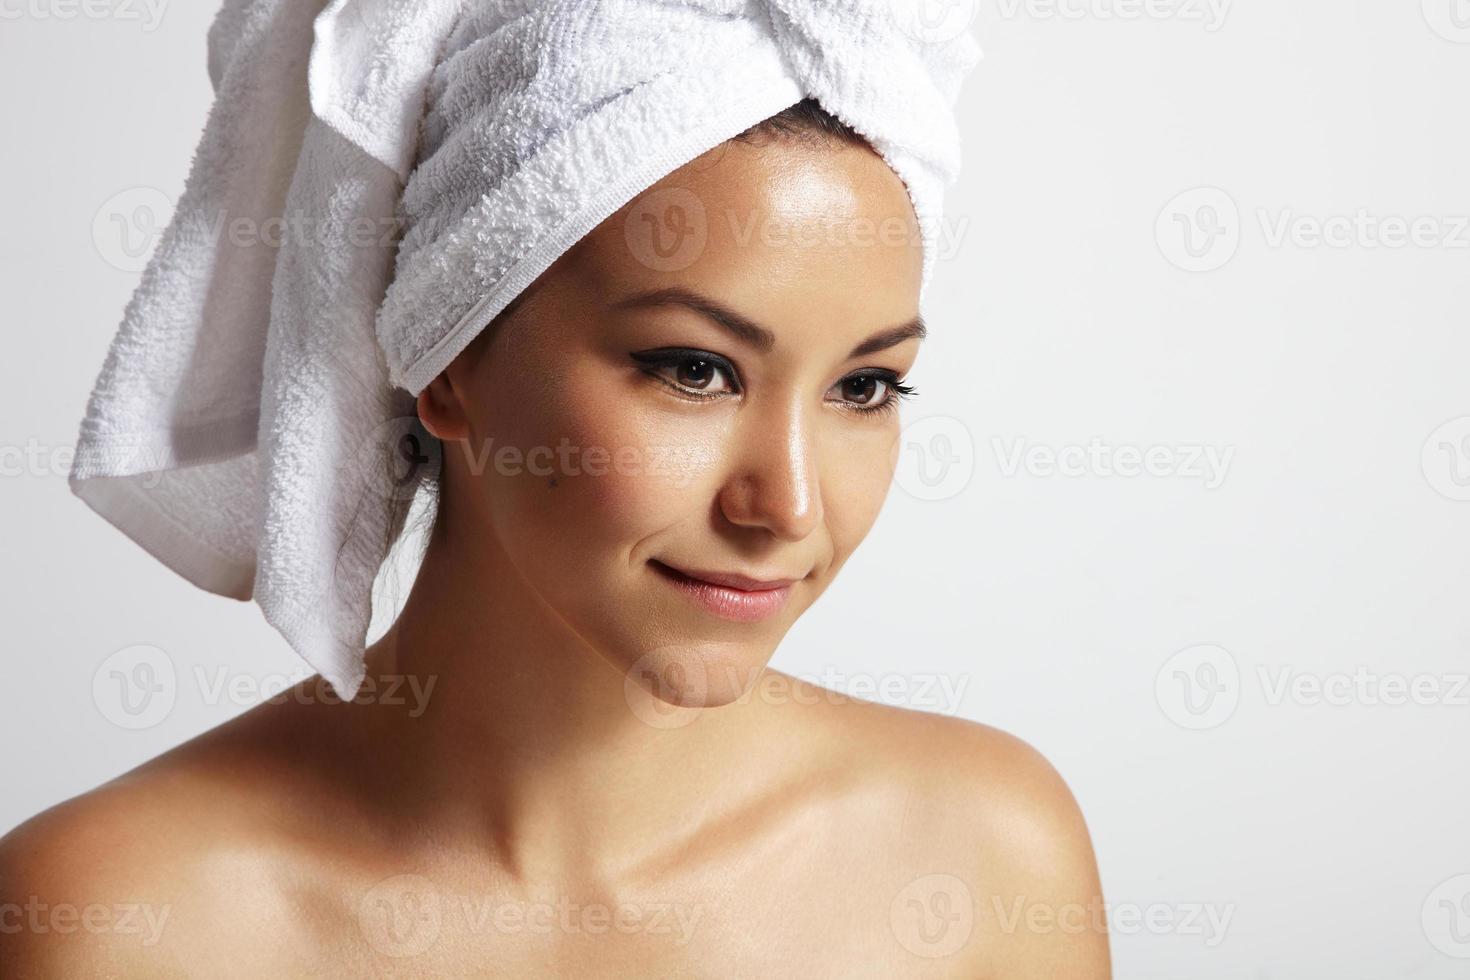 bellezza donna con un asciugamano bianco in testa foto